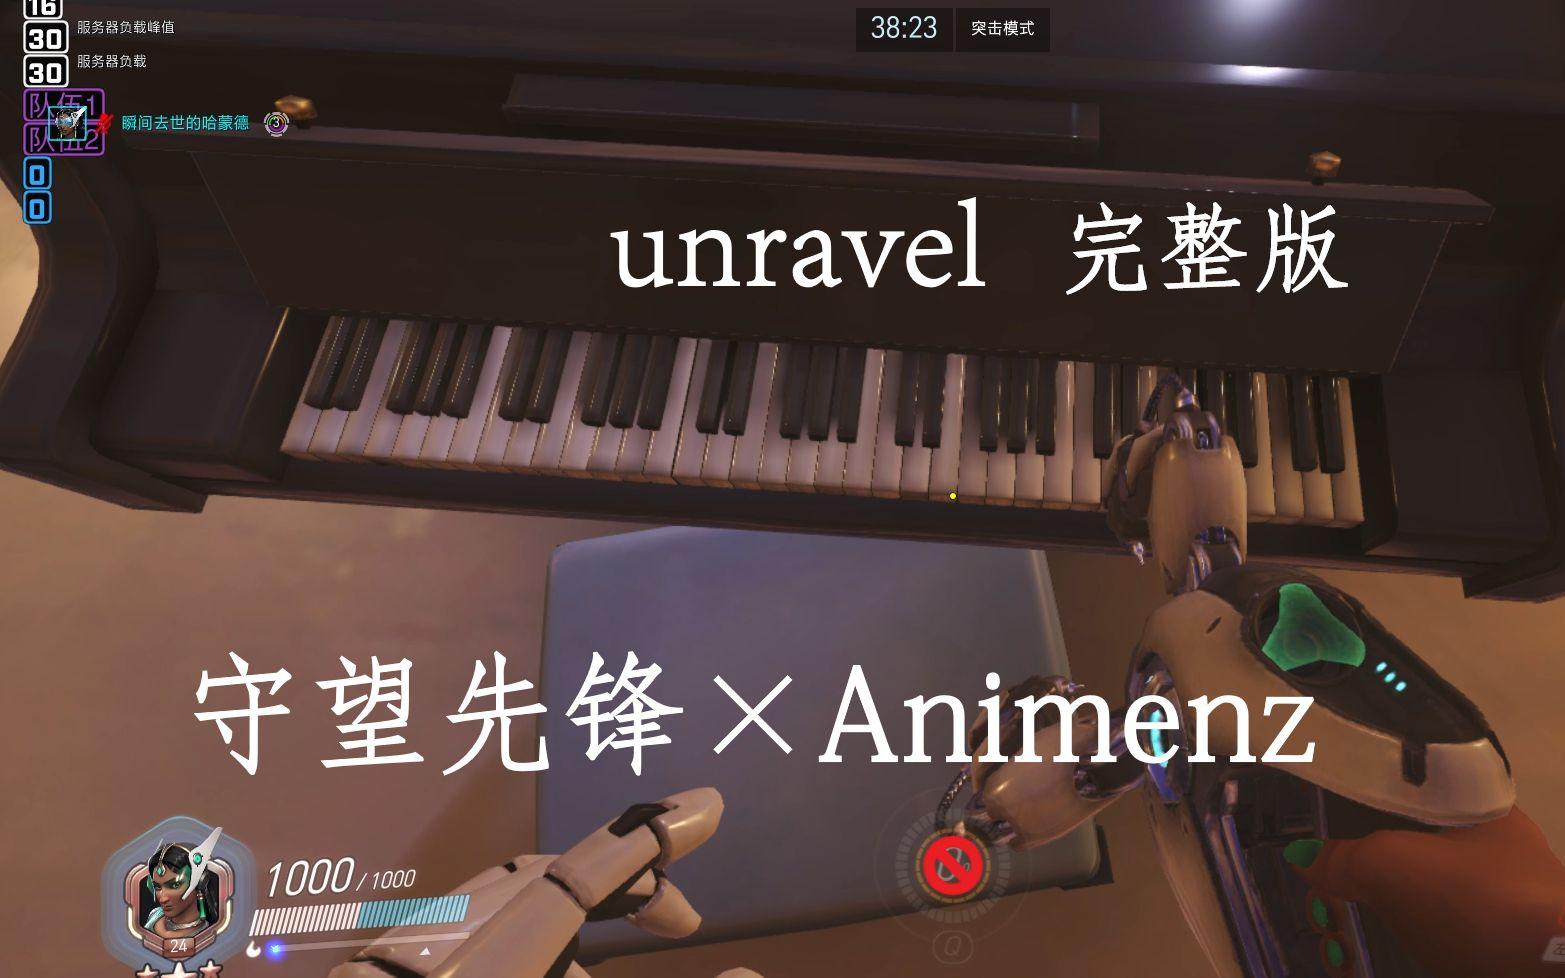 【梦幻联动】unravel 守望先锋钢琴ver.